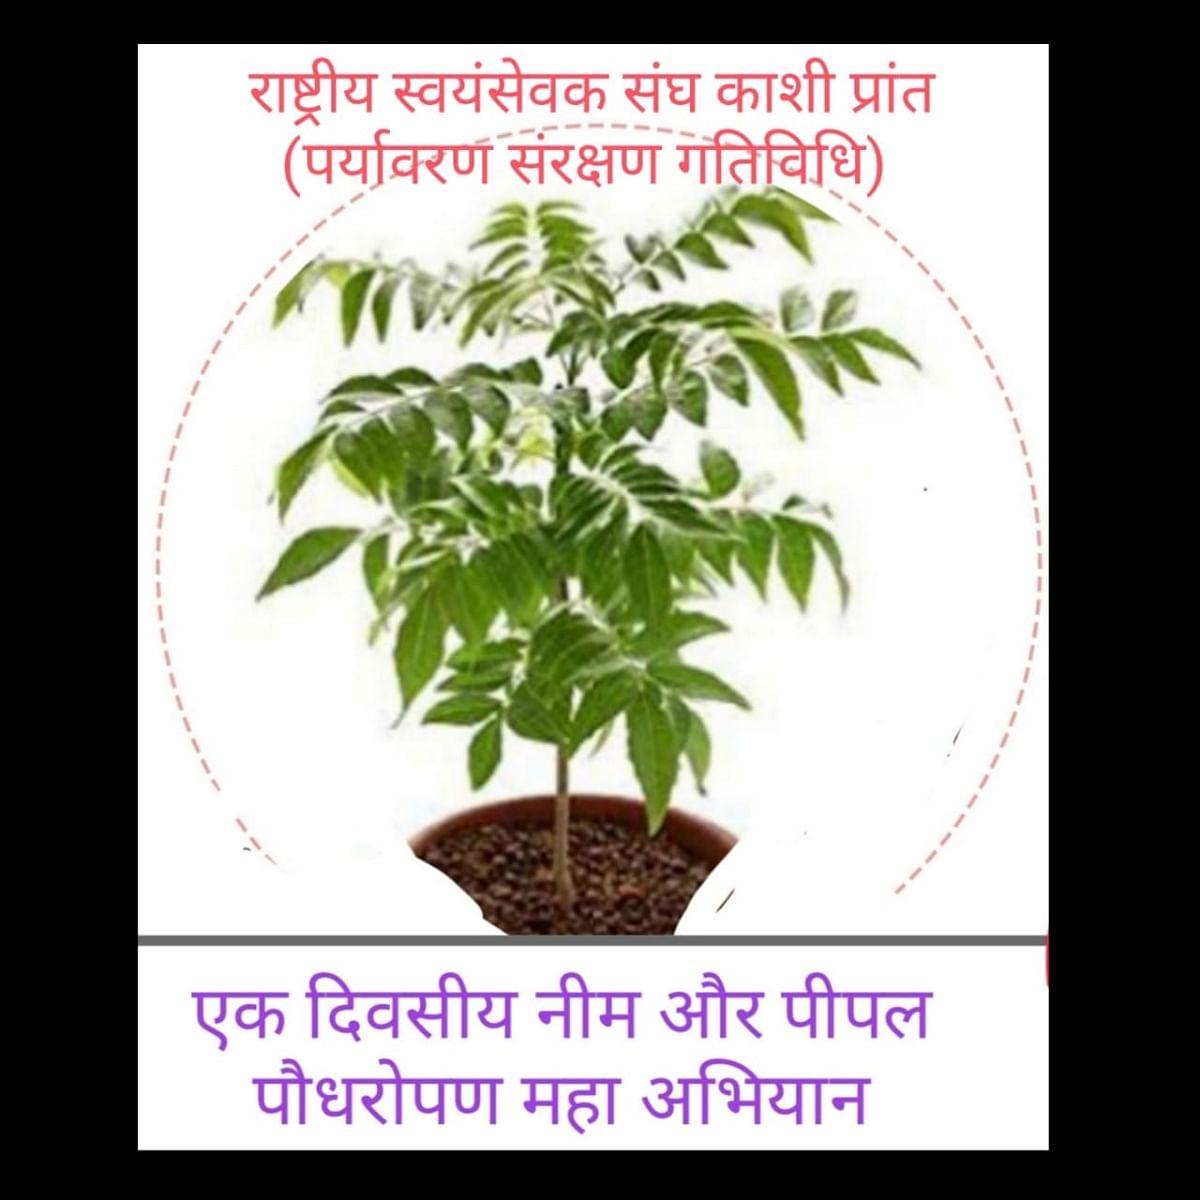 विश्व पर्यावरण दिवस पर आरएसएस काशी प्रांत चलाएगा पौधरोपण अभियान